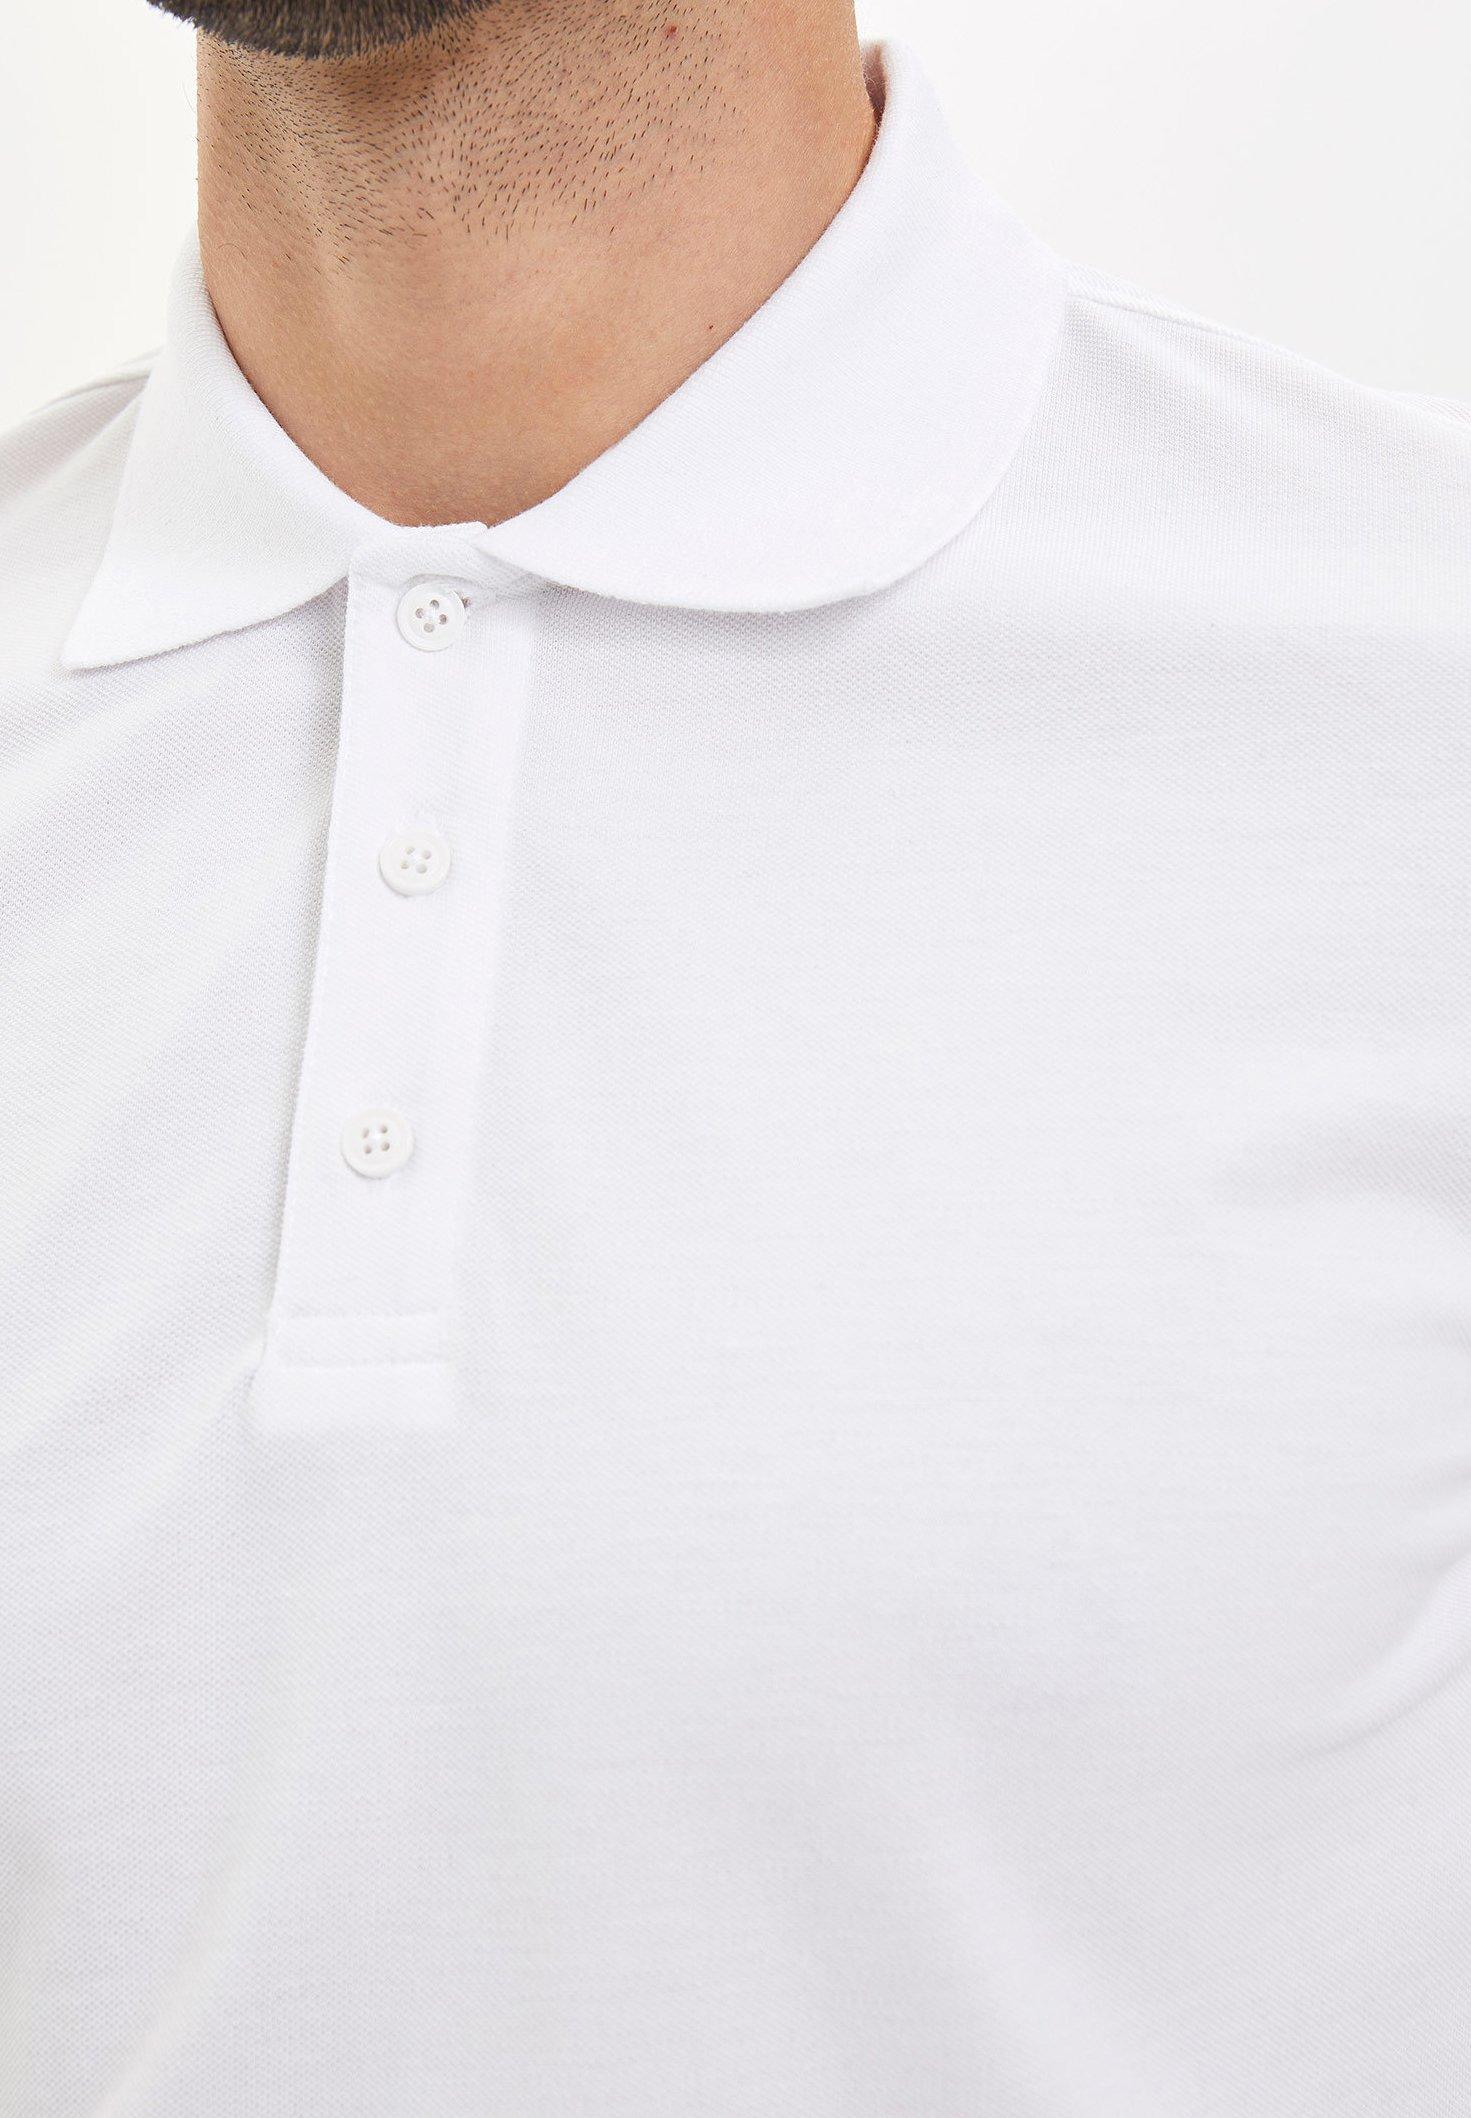 DeFacto Polo shirt - white h67ws